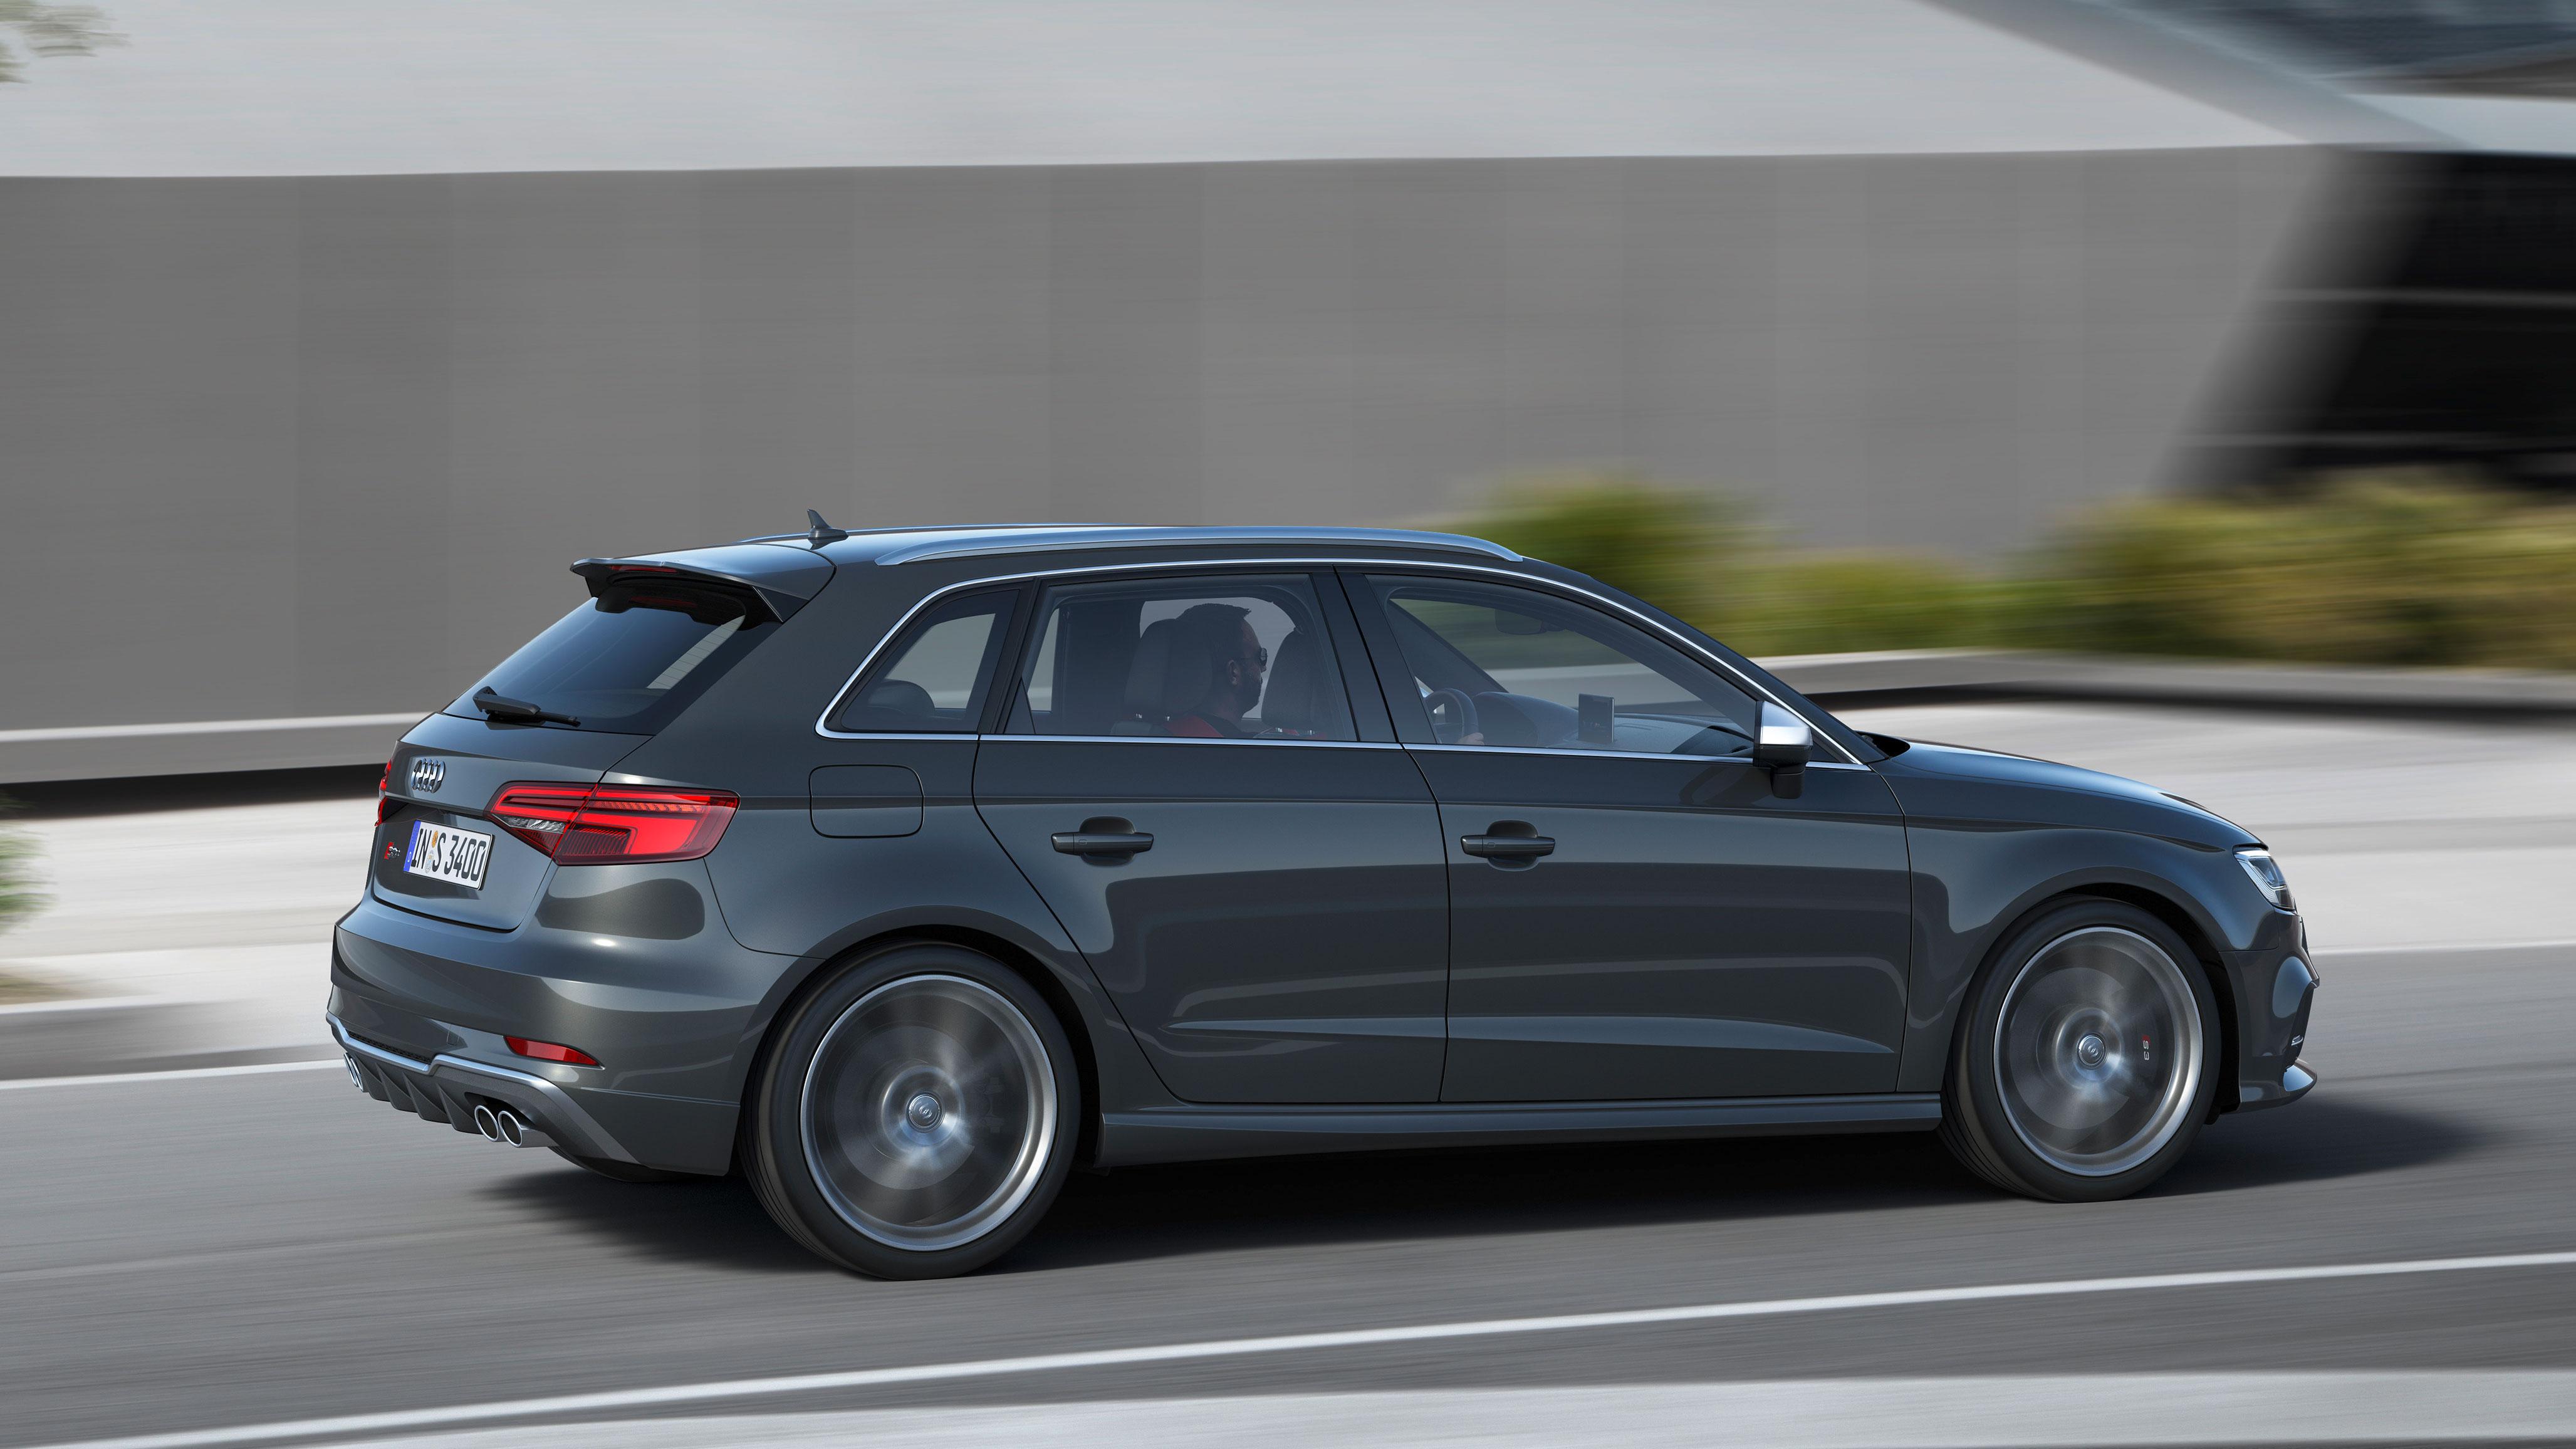 Kekurangan Audi S3 Sportback 2018 Top Model Tahun Ini